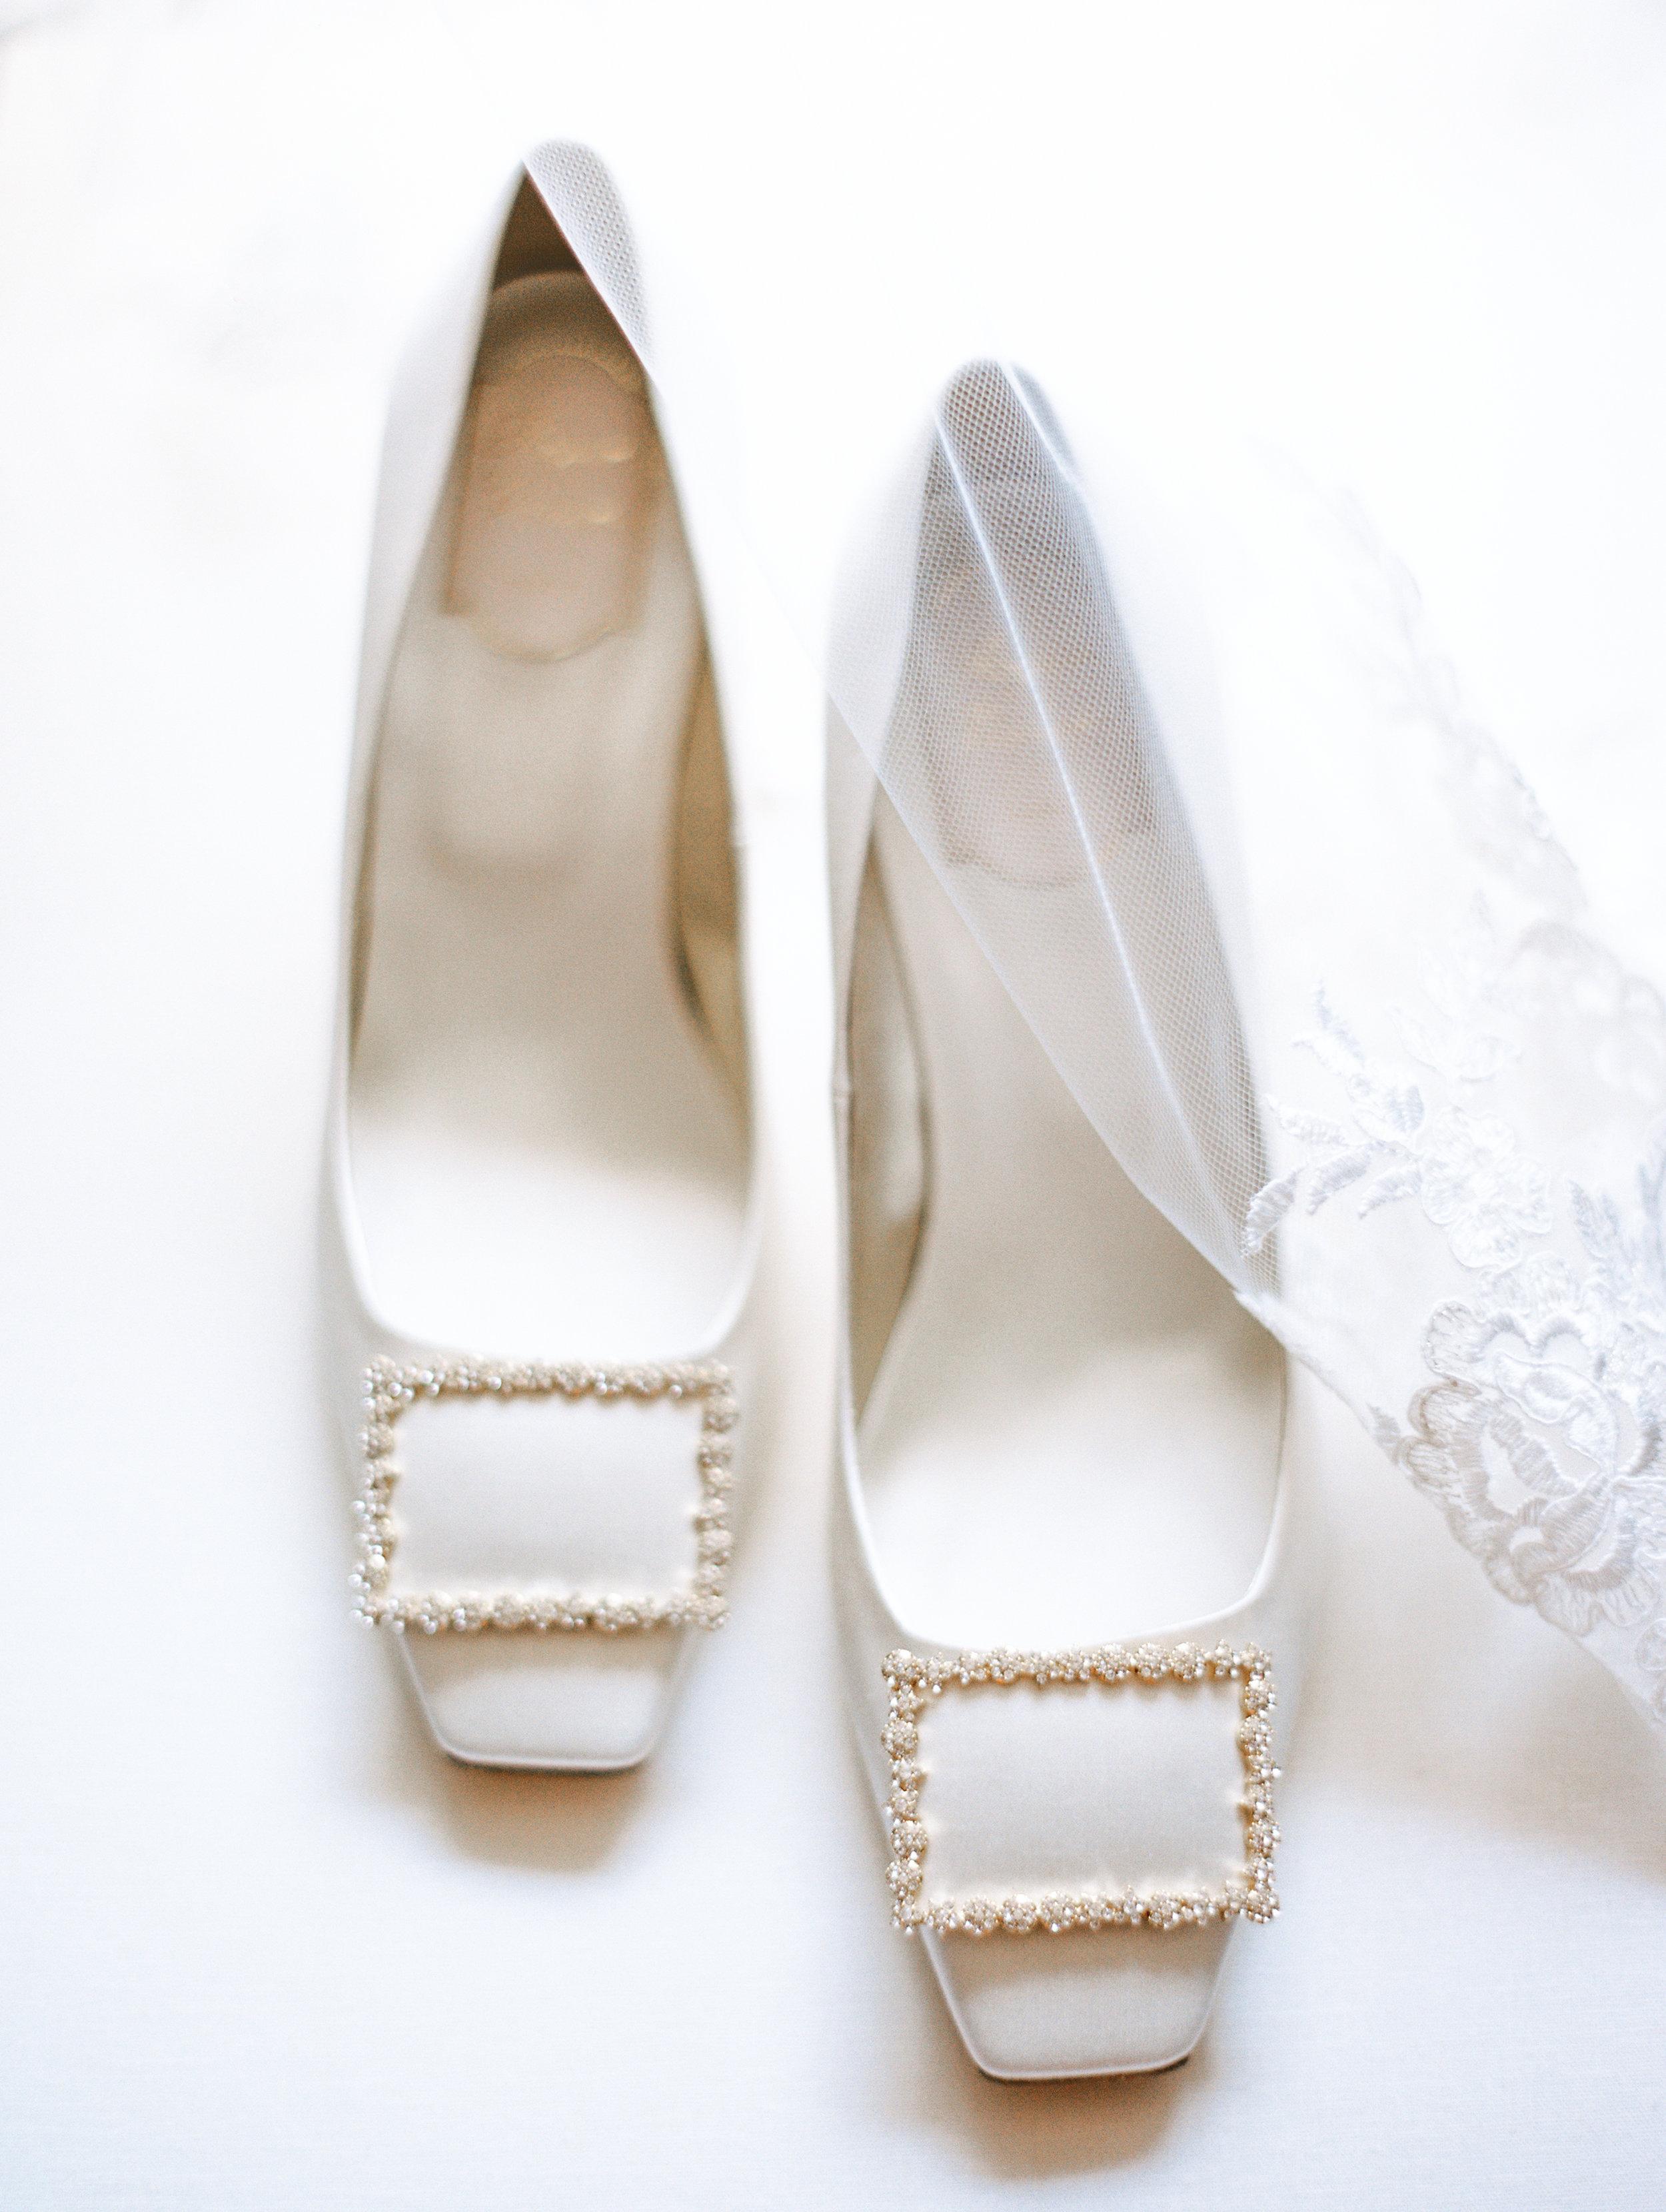 kelsandmichael_wedding_darren&joanne-216.jpg